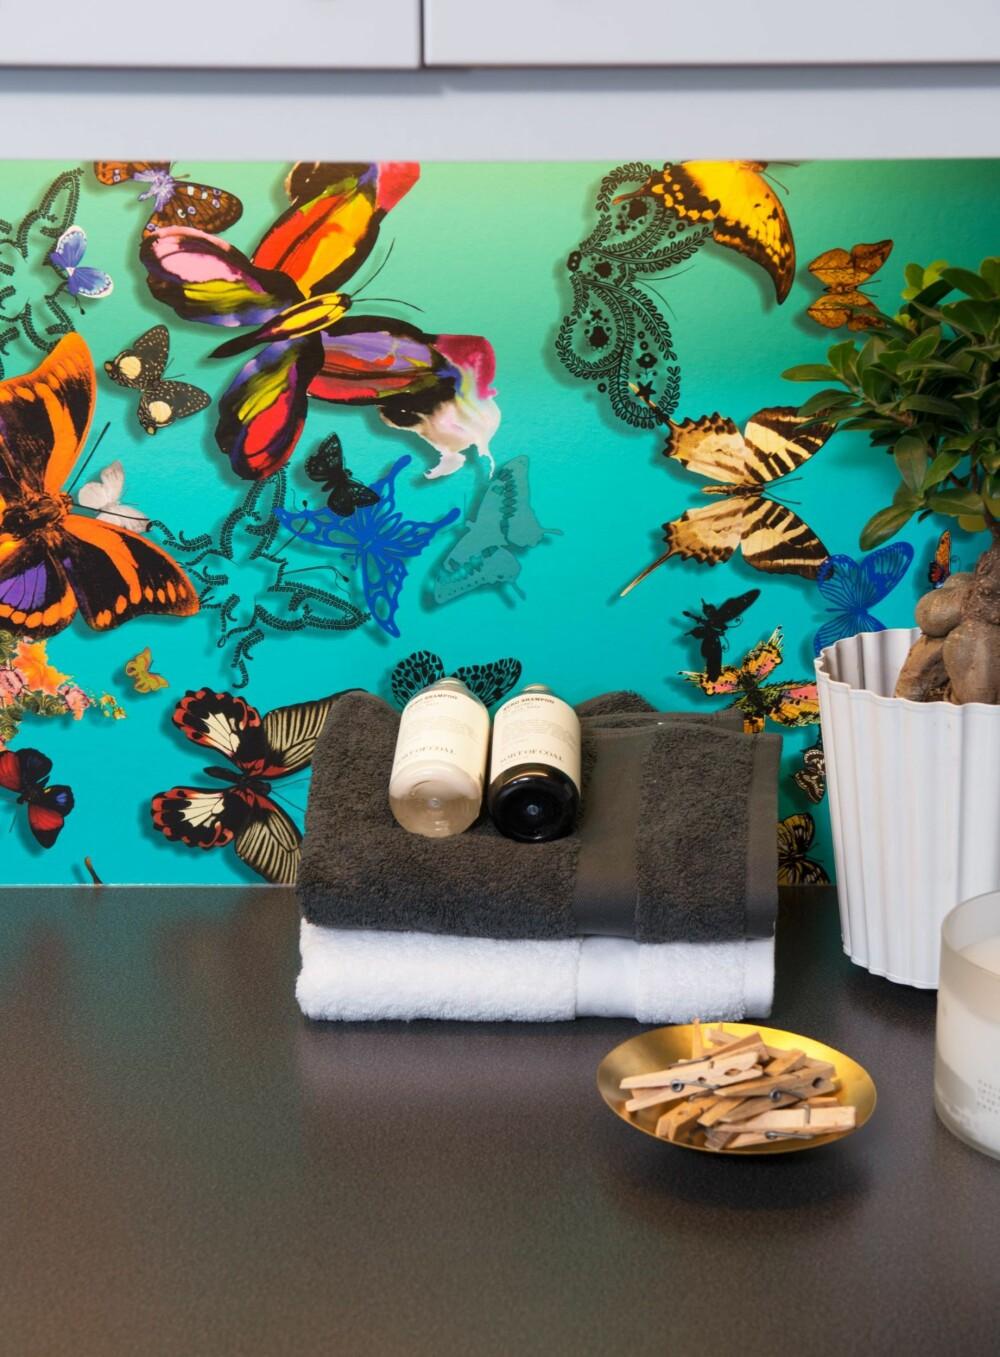 BLIKKFANG: Mellom overskap og benk på vaskerommet valgte interiørarkitekten dette tapetet: OV495-03 i fargen «Multi», design Christian Lacroix for Designers Guild, kr 930 pr. rull. Mot de grå veggene og det lilla vinylgulvet, skaper tapetet dybde og liv i rommet.